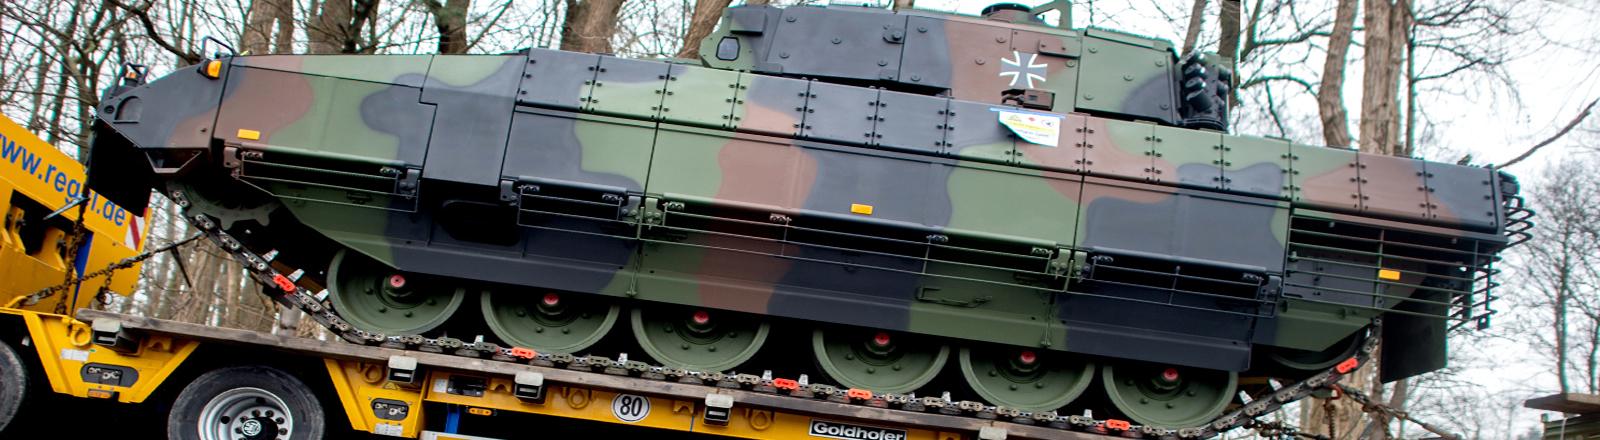 Schützenpanzer vom Typ Puma steht auf einem Tieflader auf dem Gelände des Unternehmens Rheinmetall Defence